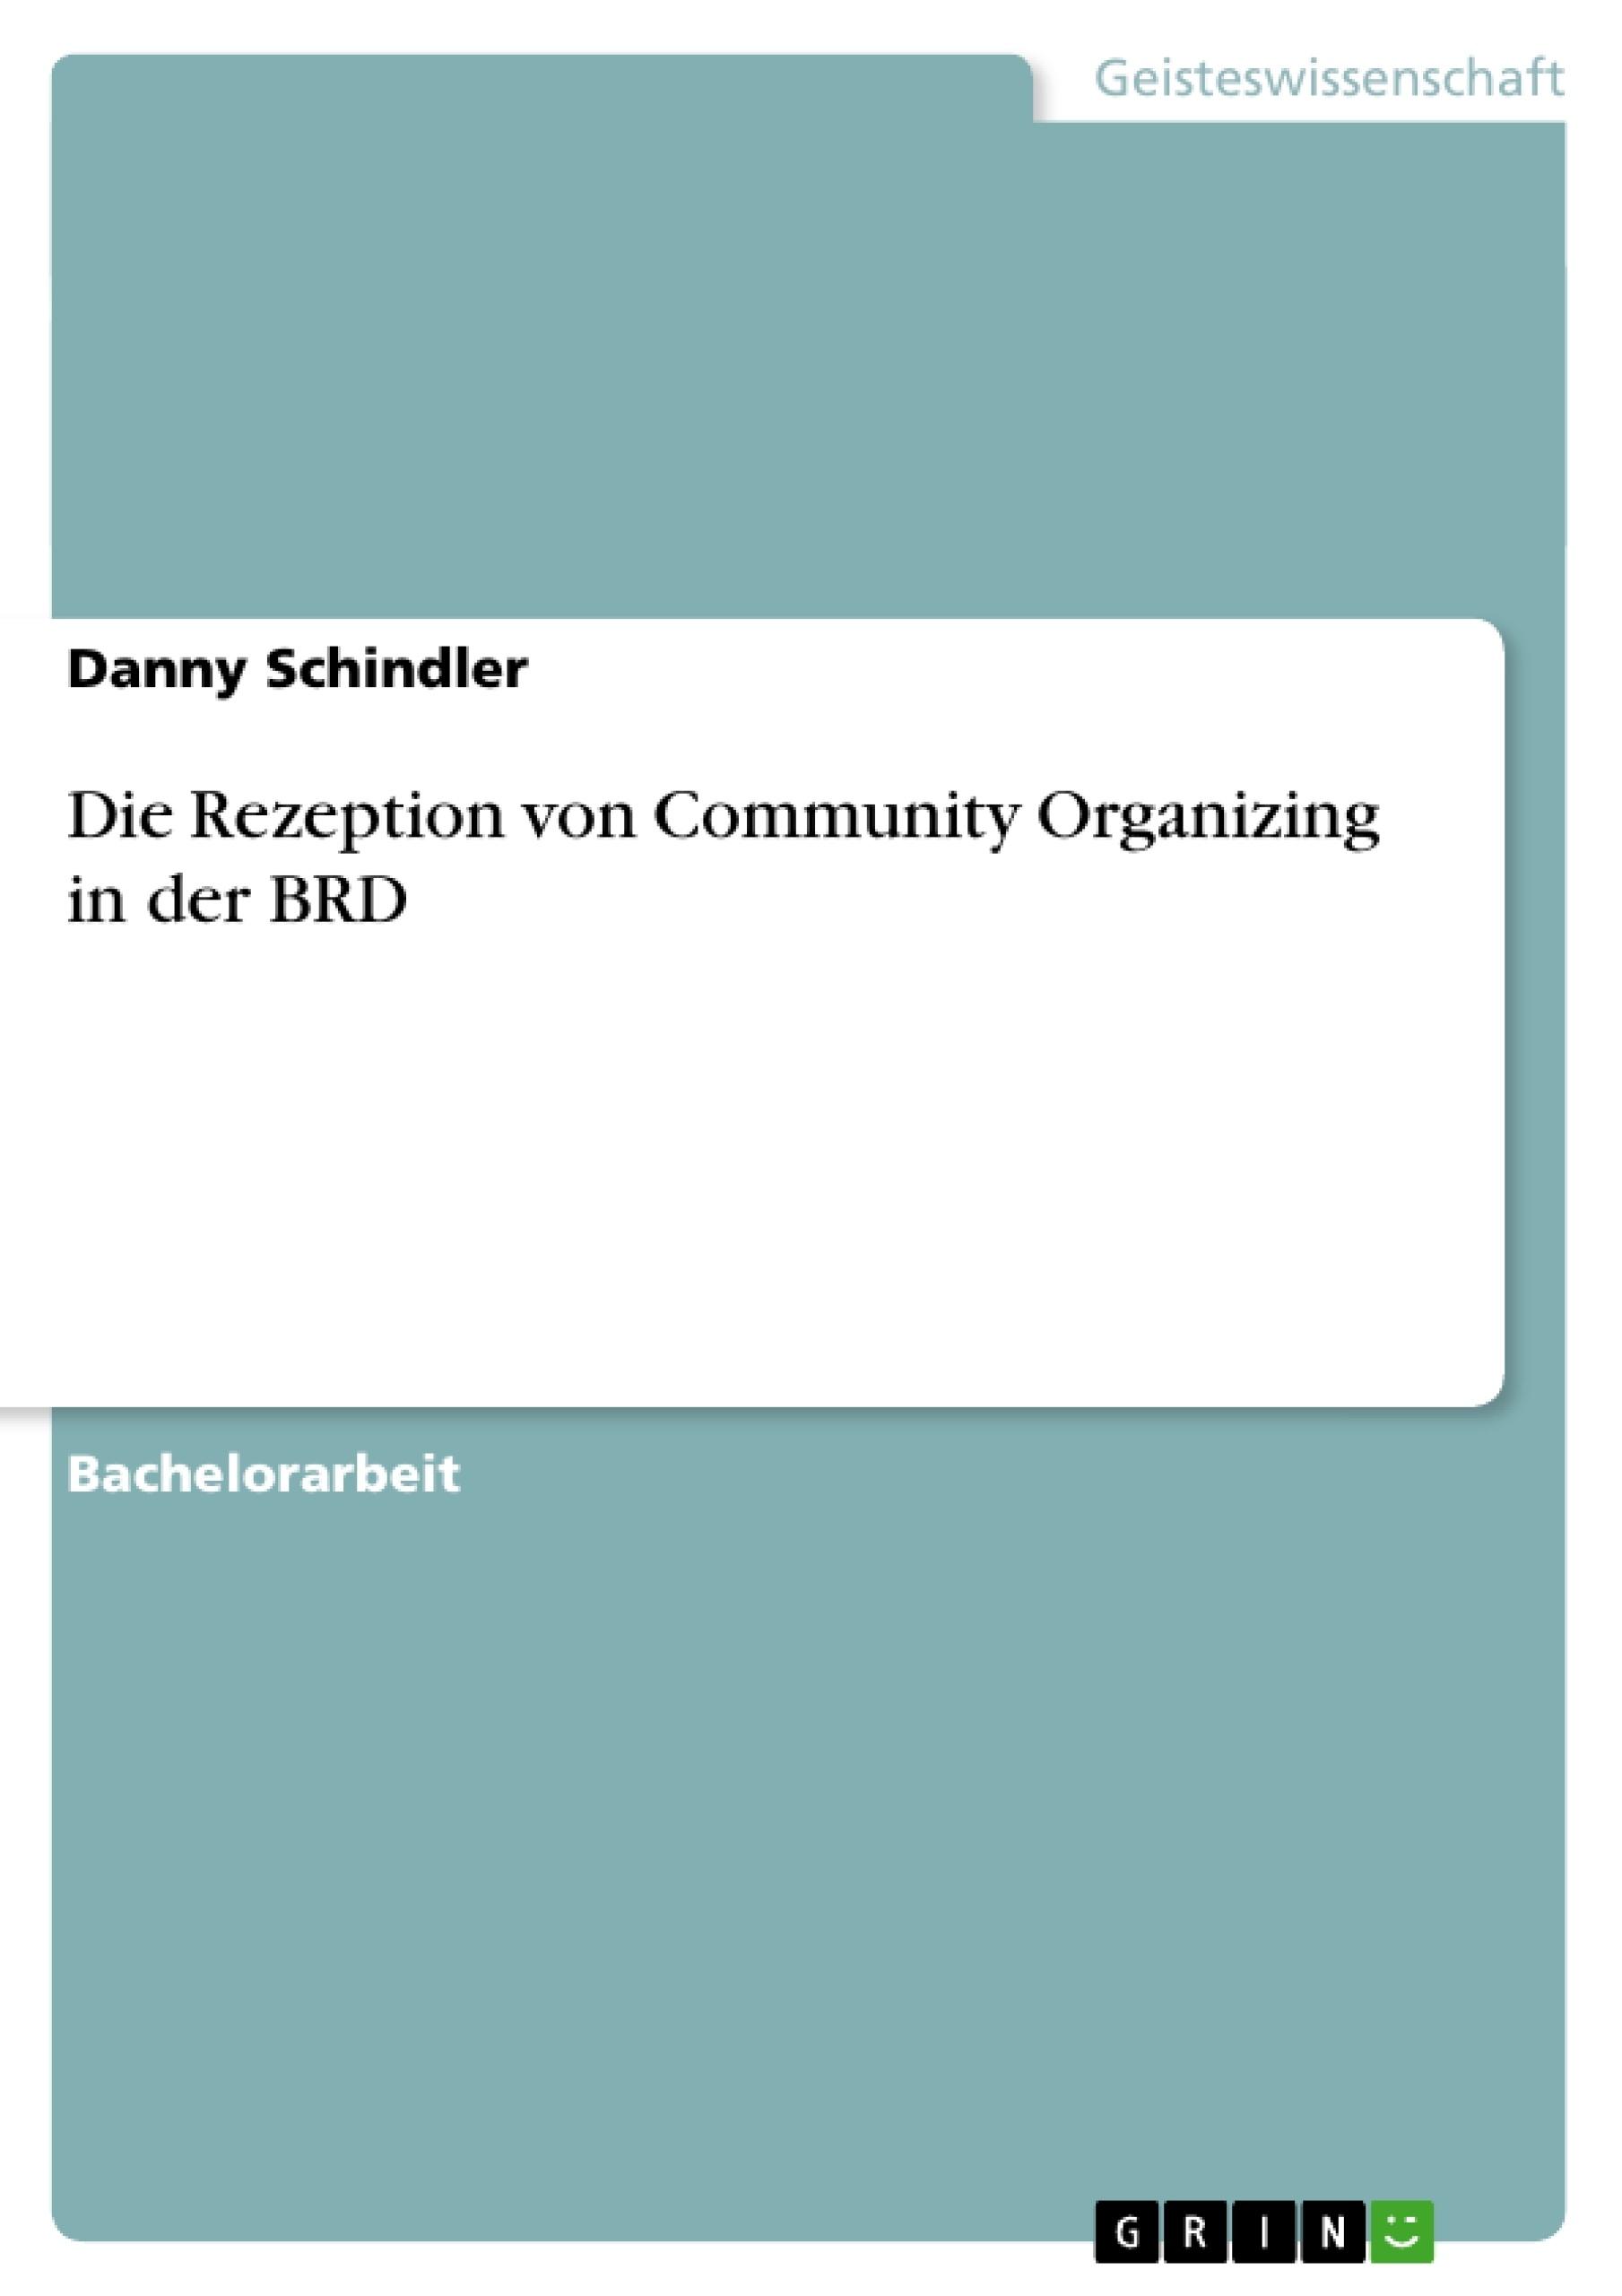 Titel: Die Rezeption von Community Organizing in der BRD